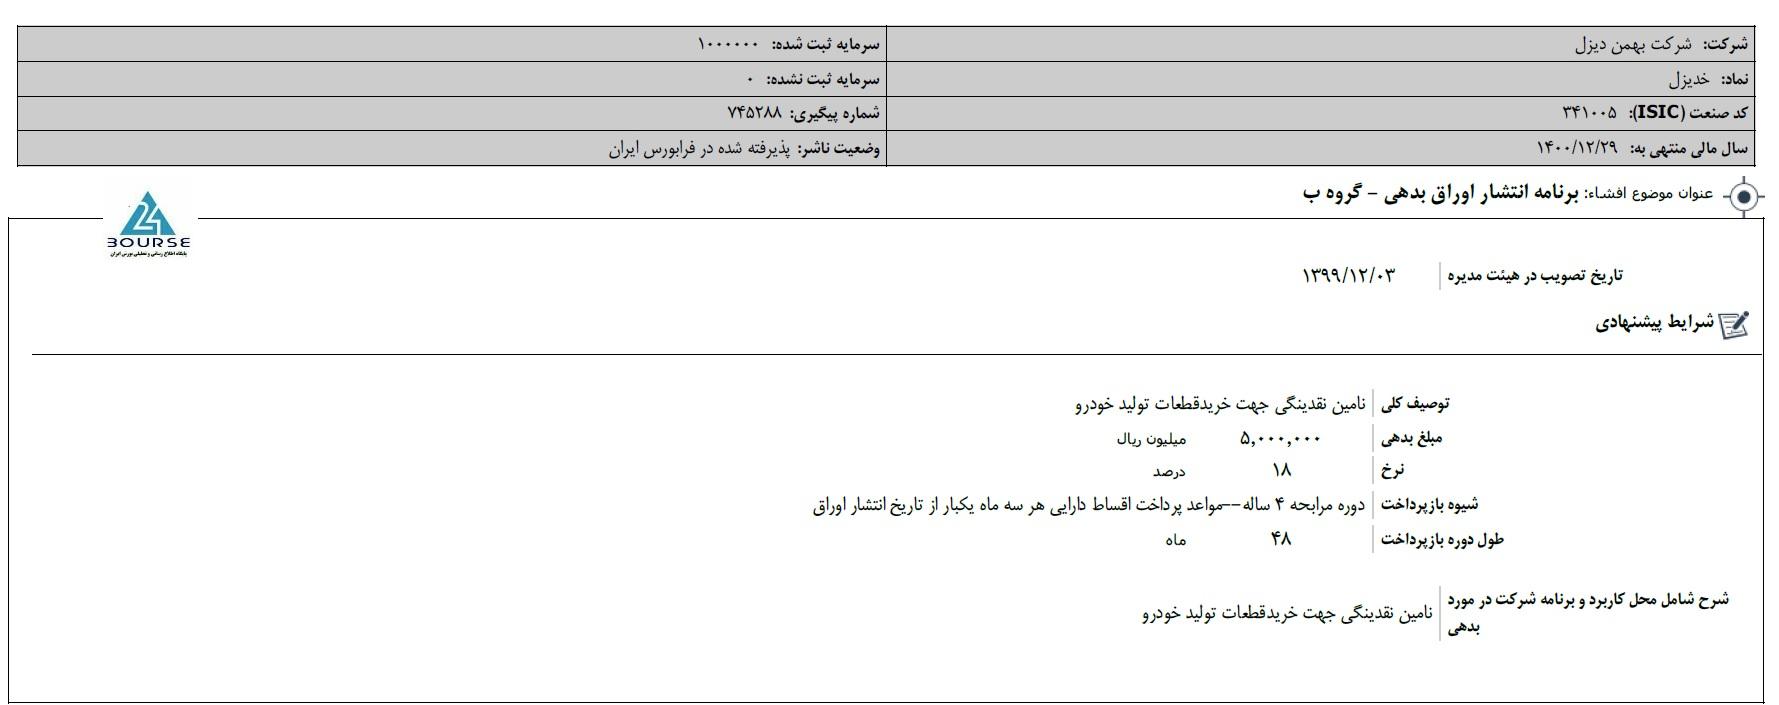 بهمن دیزل اوراق مرابحه منتشر می کند